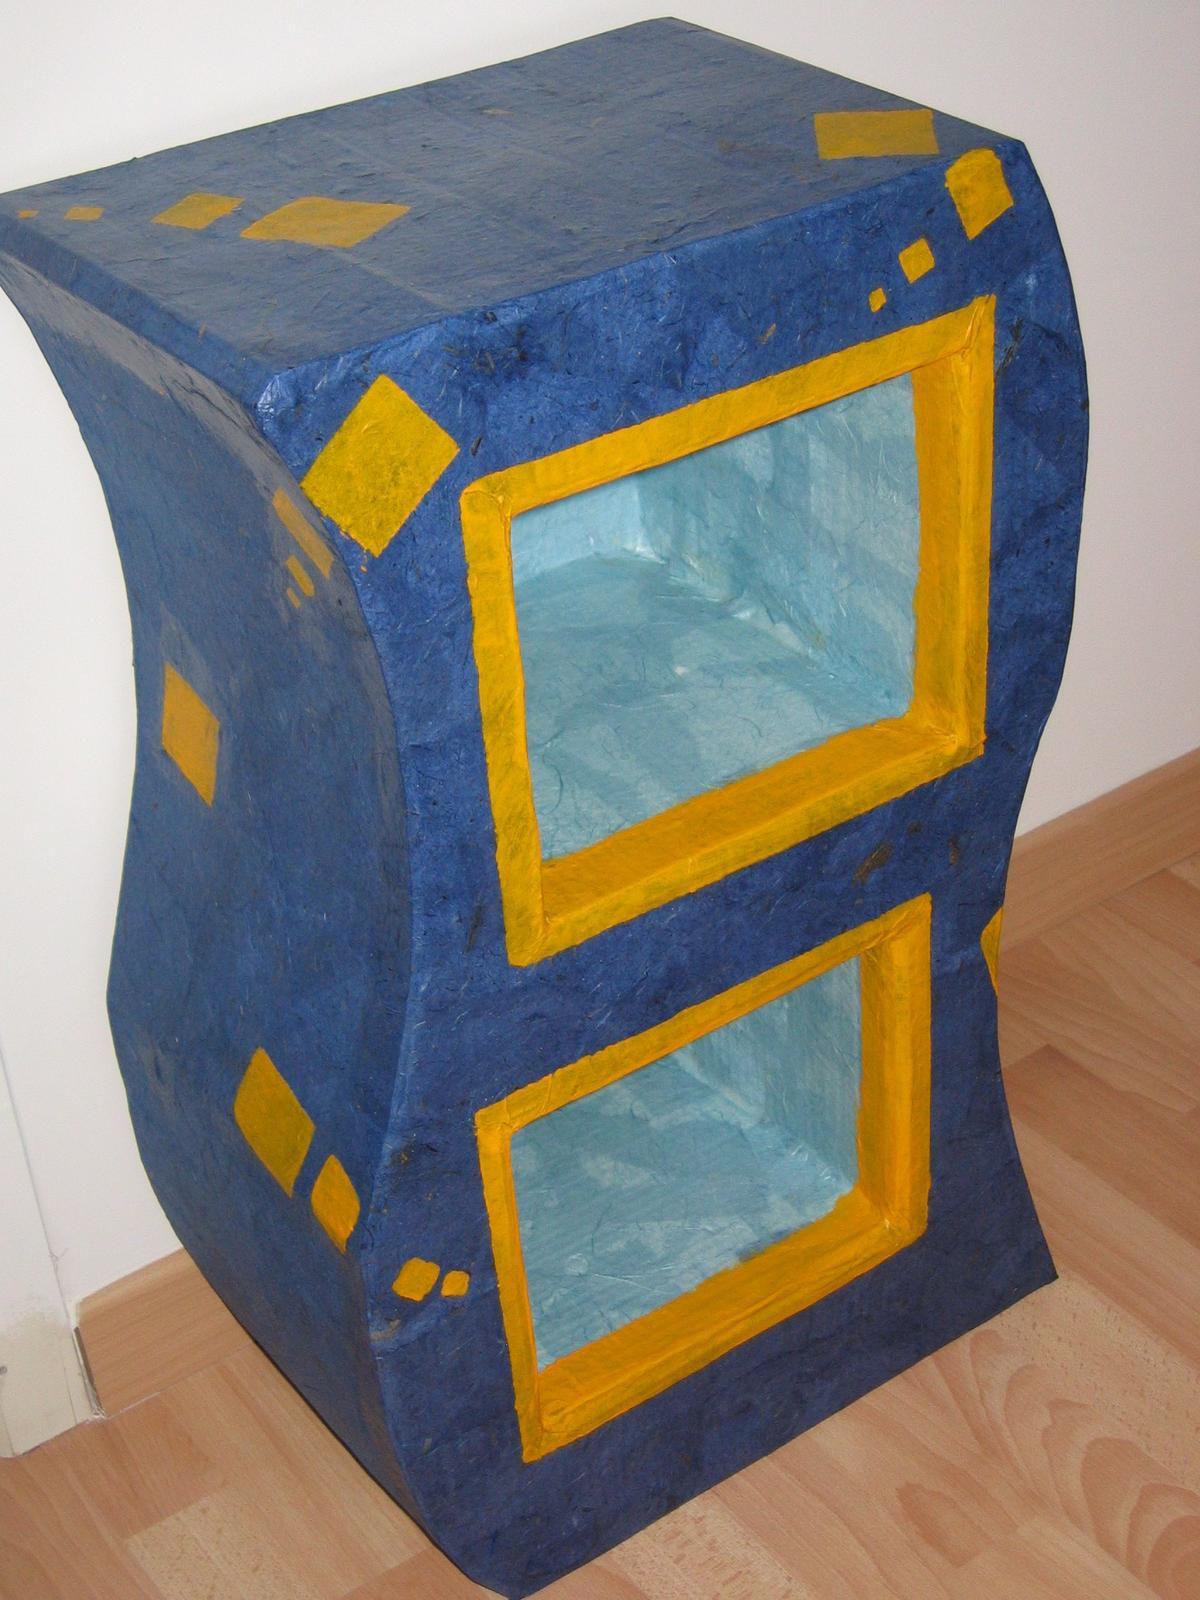 etag re en carton l 39 atelier de la coccinelle cr ative. Black Bedroom Furniture Sets. Home Design Ideas